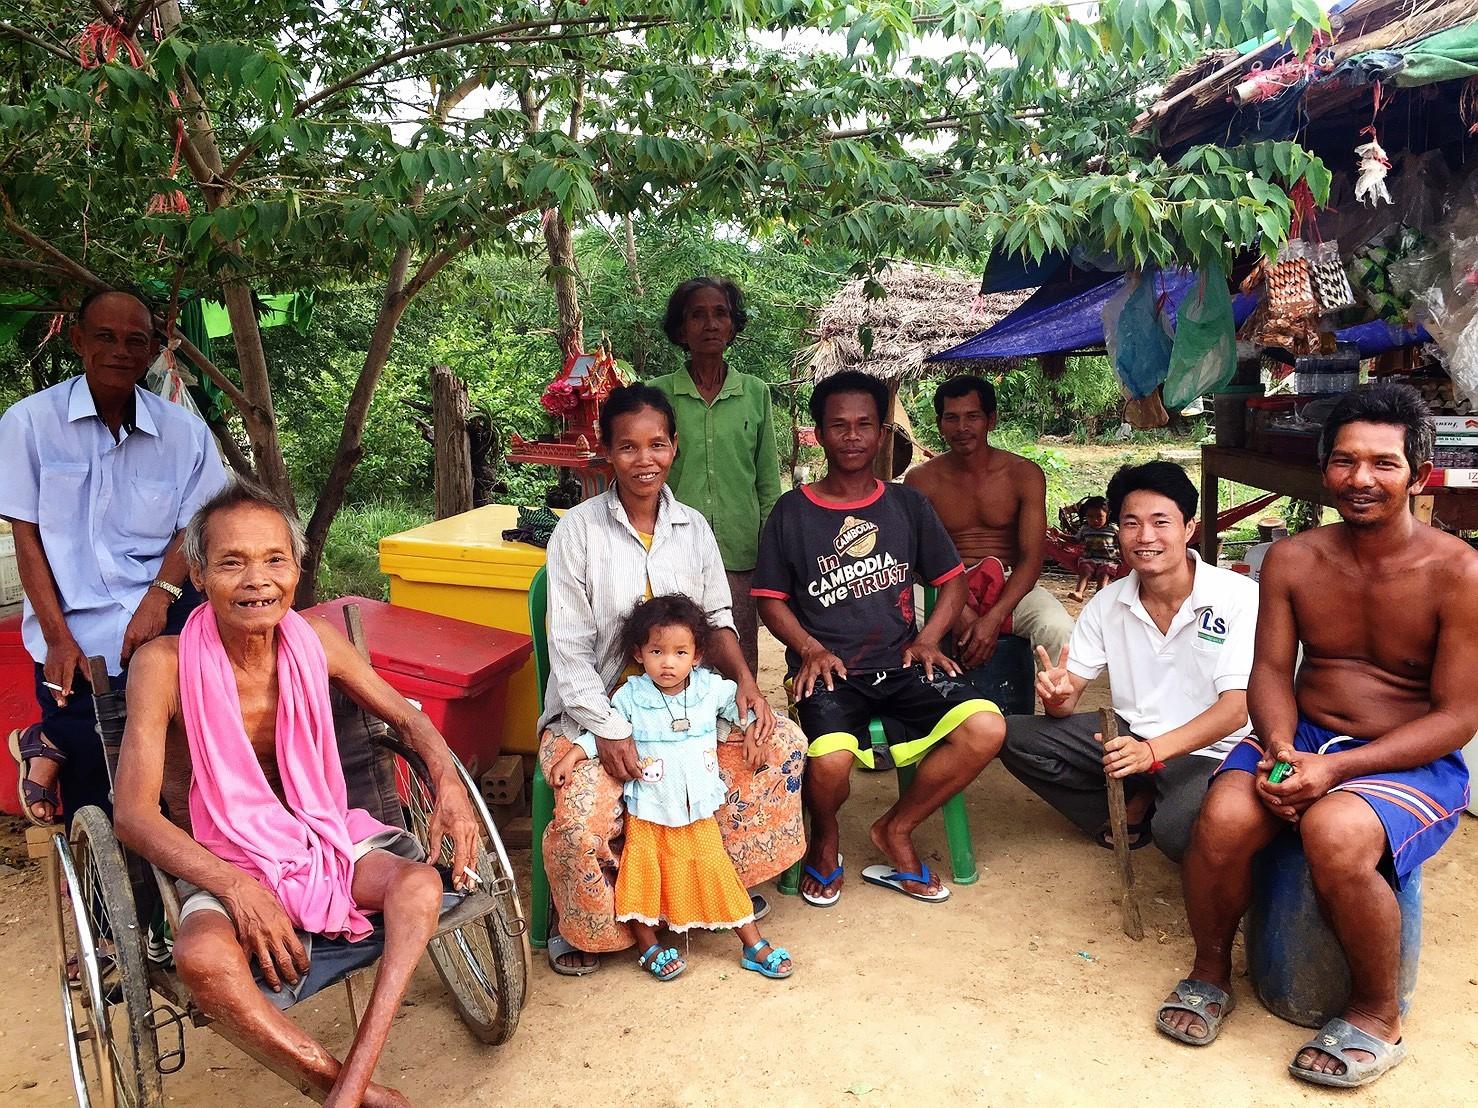 サーウさん家族とお店に来ていた村人との集合写真